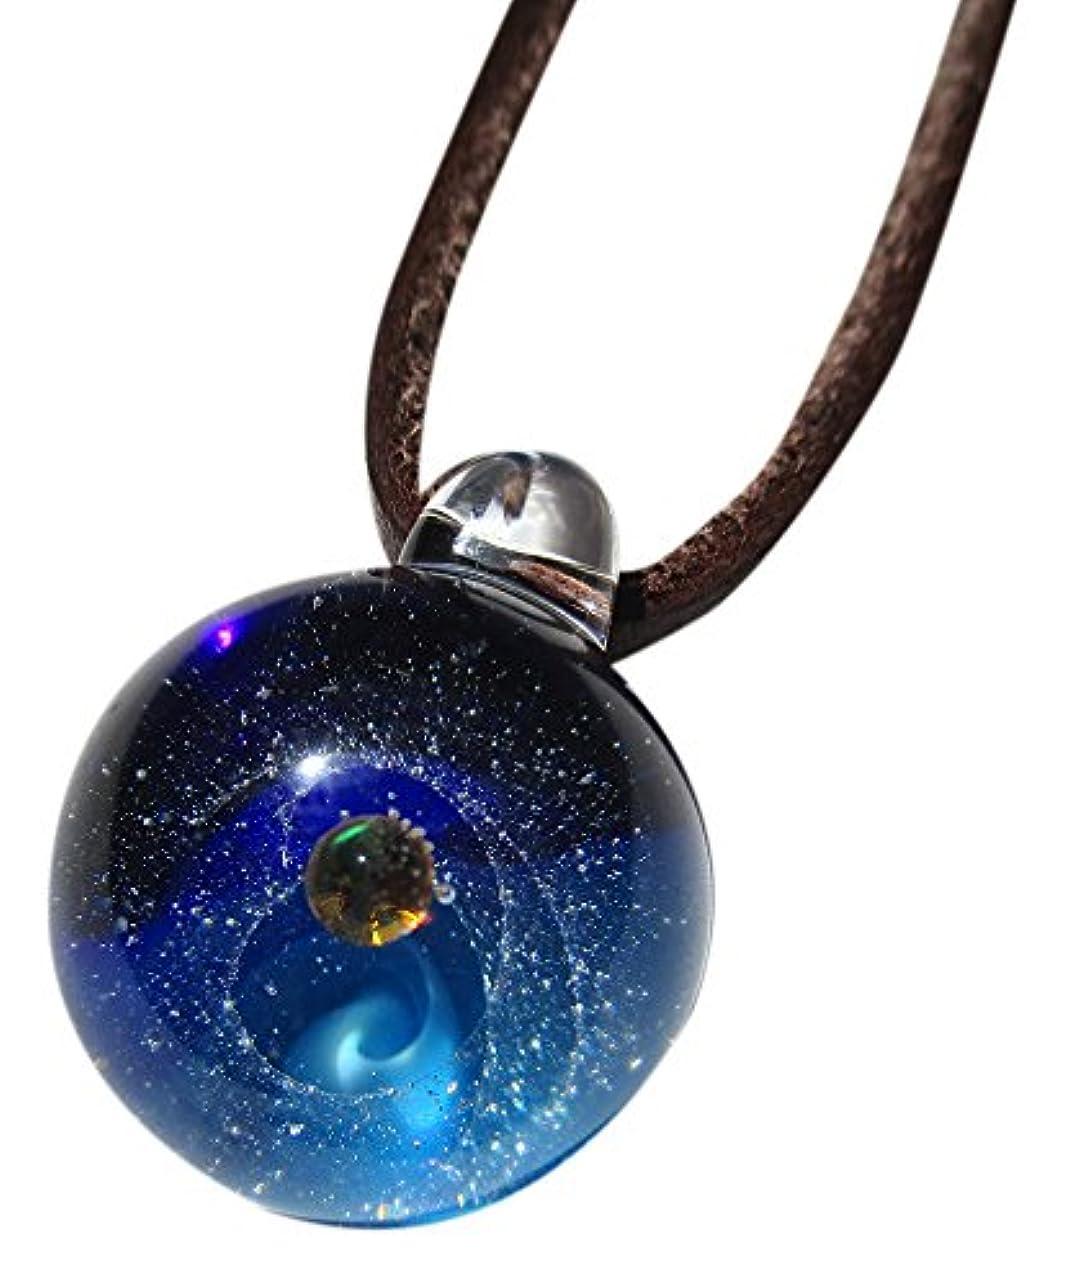 スカウトロシア僕の銀河ガラス ブルー シルバーラウンド DW1188